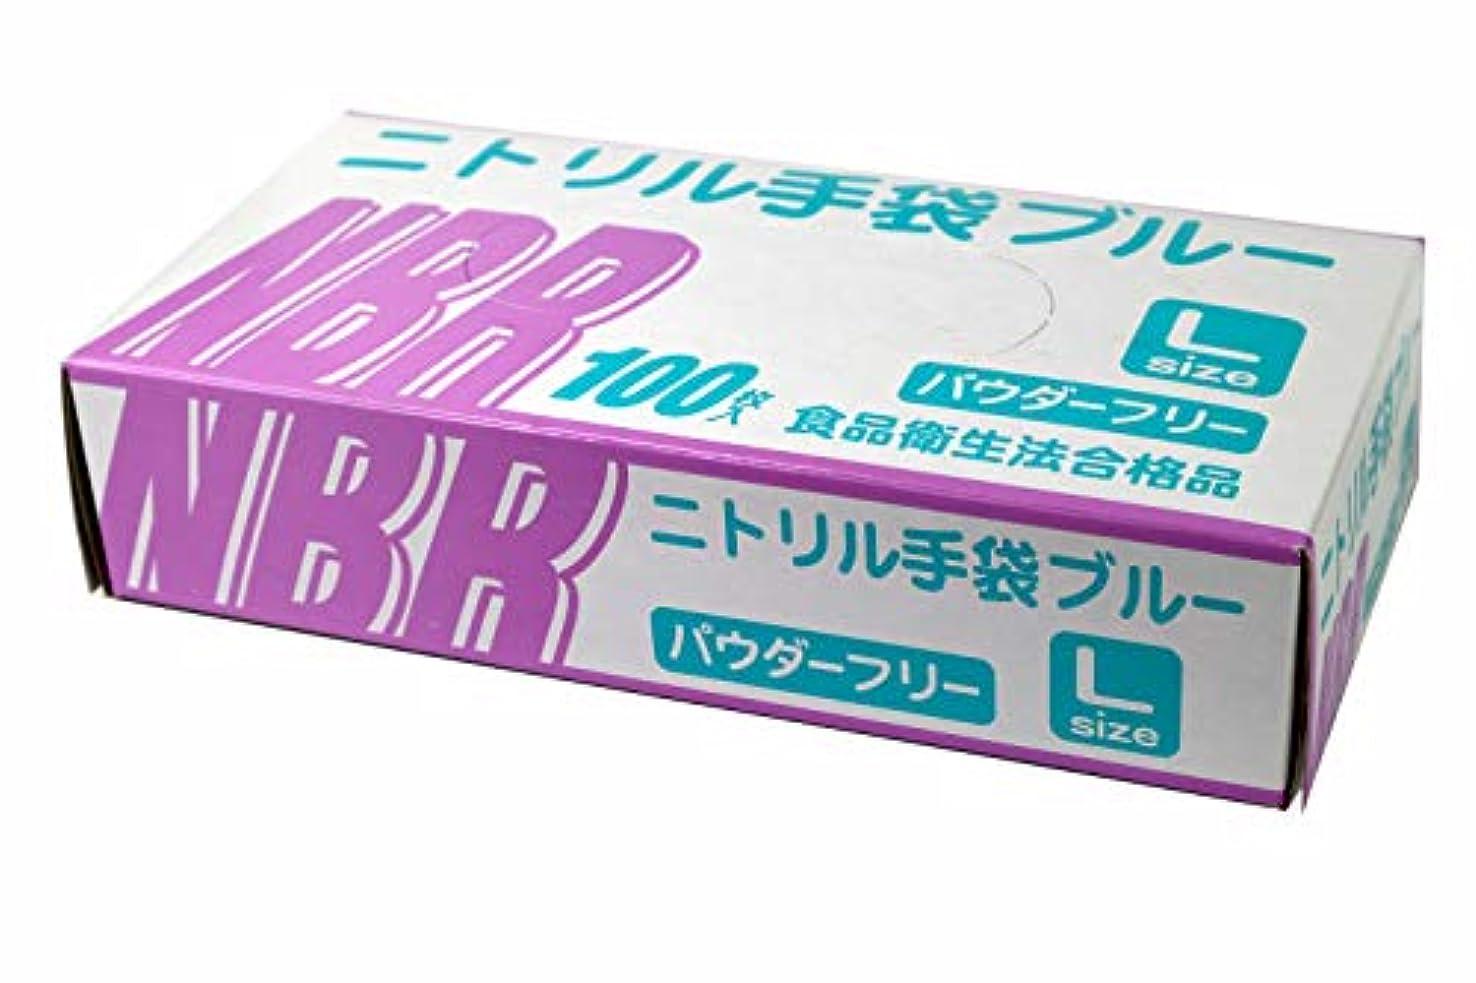 悲しいことにオーディション魔術師使い捨て手袋 ニトリルグローブ ブルー 食品衛生法合格品 粉なし(パウダーフリー) 100枚入 Lサイズ 超薄手 100541